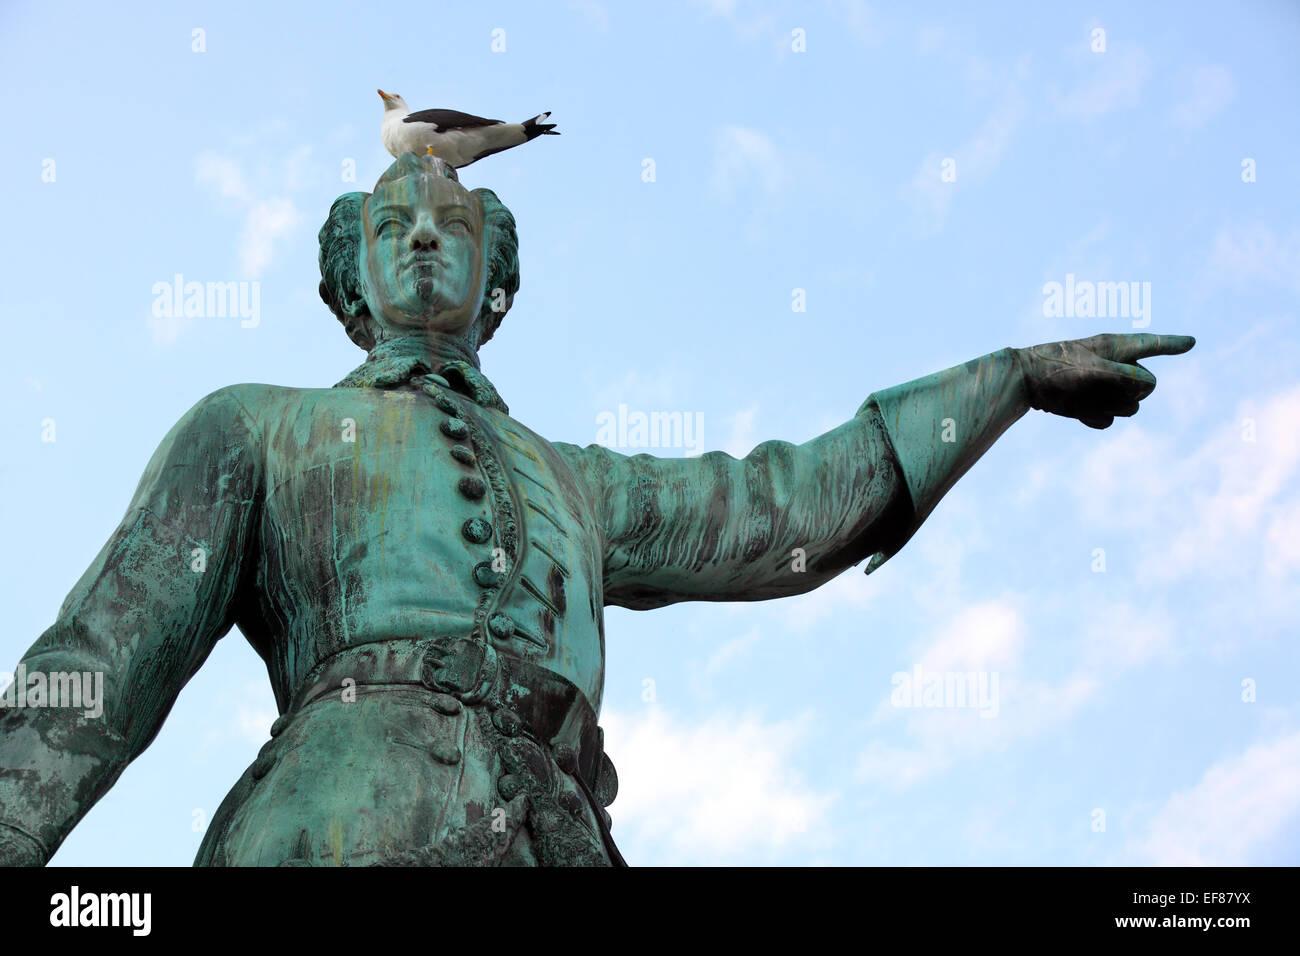 Statue von König Karl XII von Schweden in Stockholm. Schweden. Stockbild